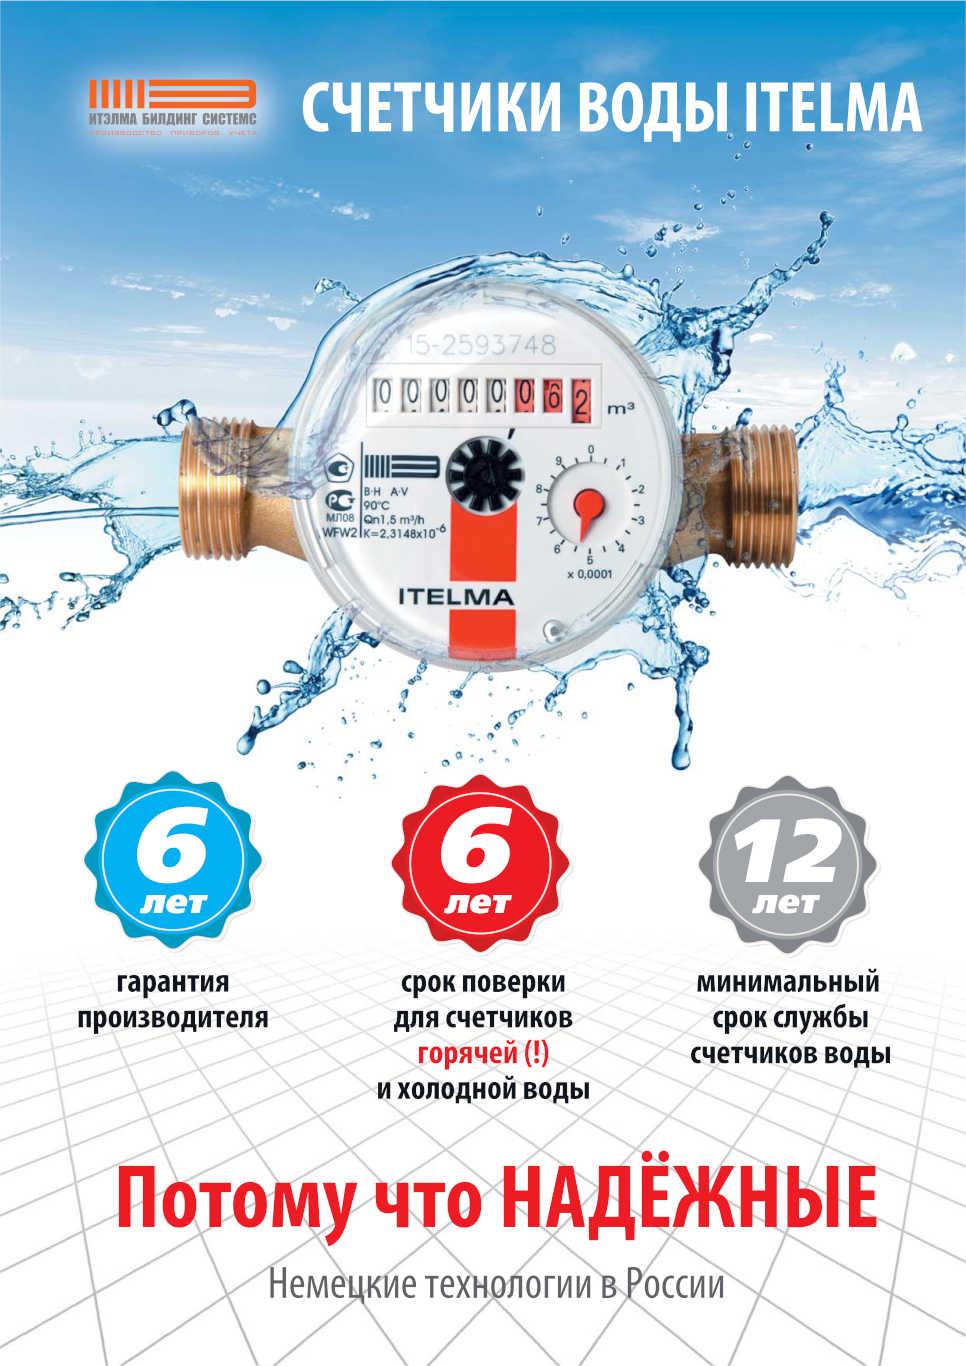 Поверка счетчиков воды по закону, правила, сроки и стоимость